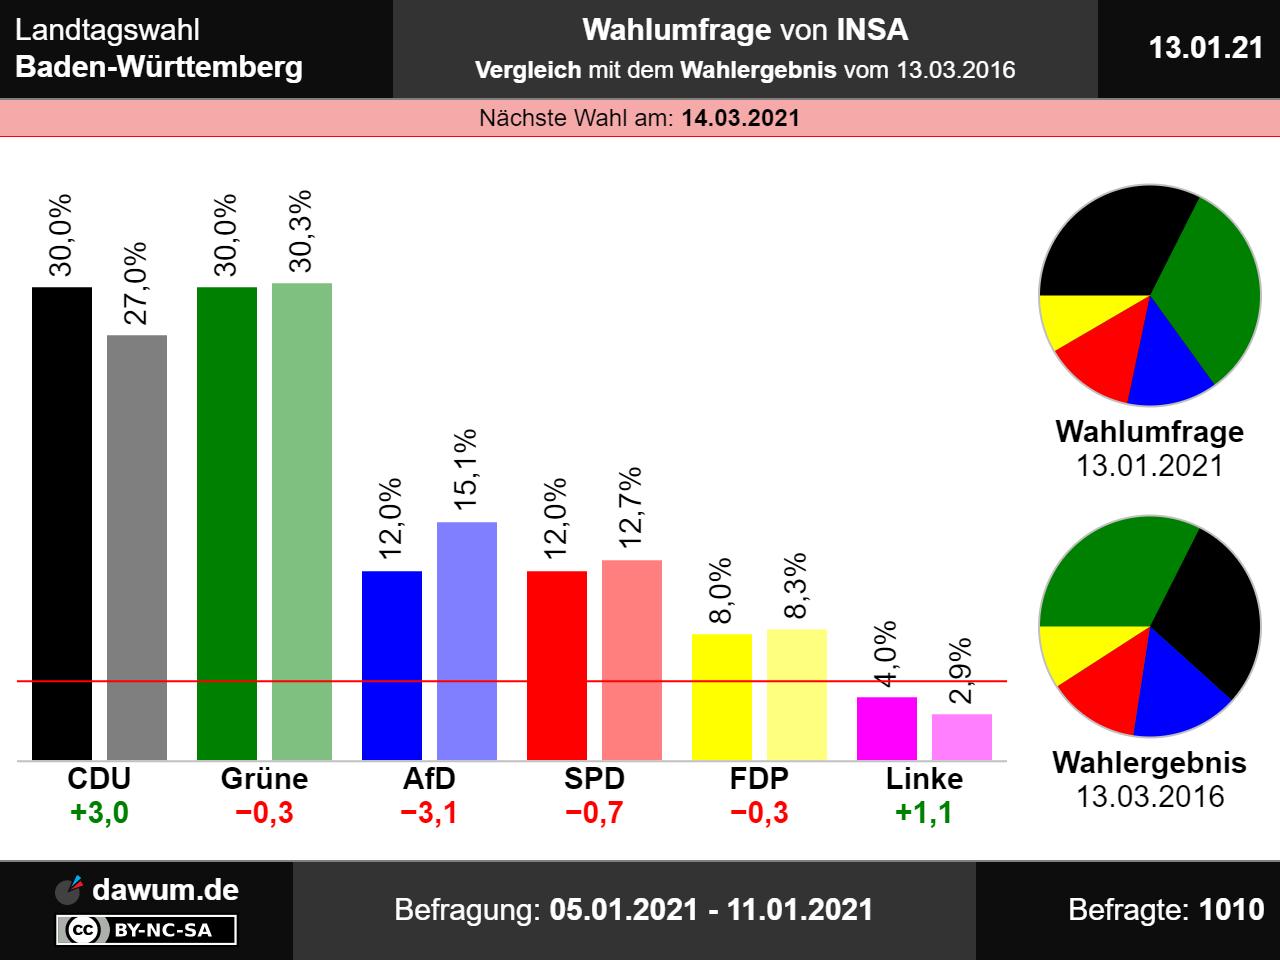 Landtagswahl Baden-Württemberg: Wahlumfrage vom 13.01.2021 ...